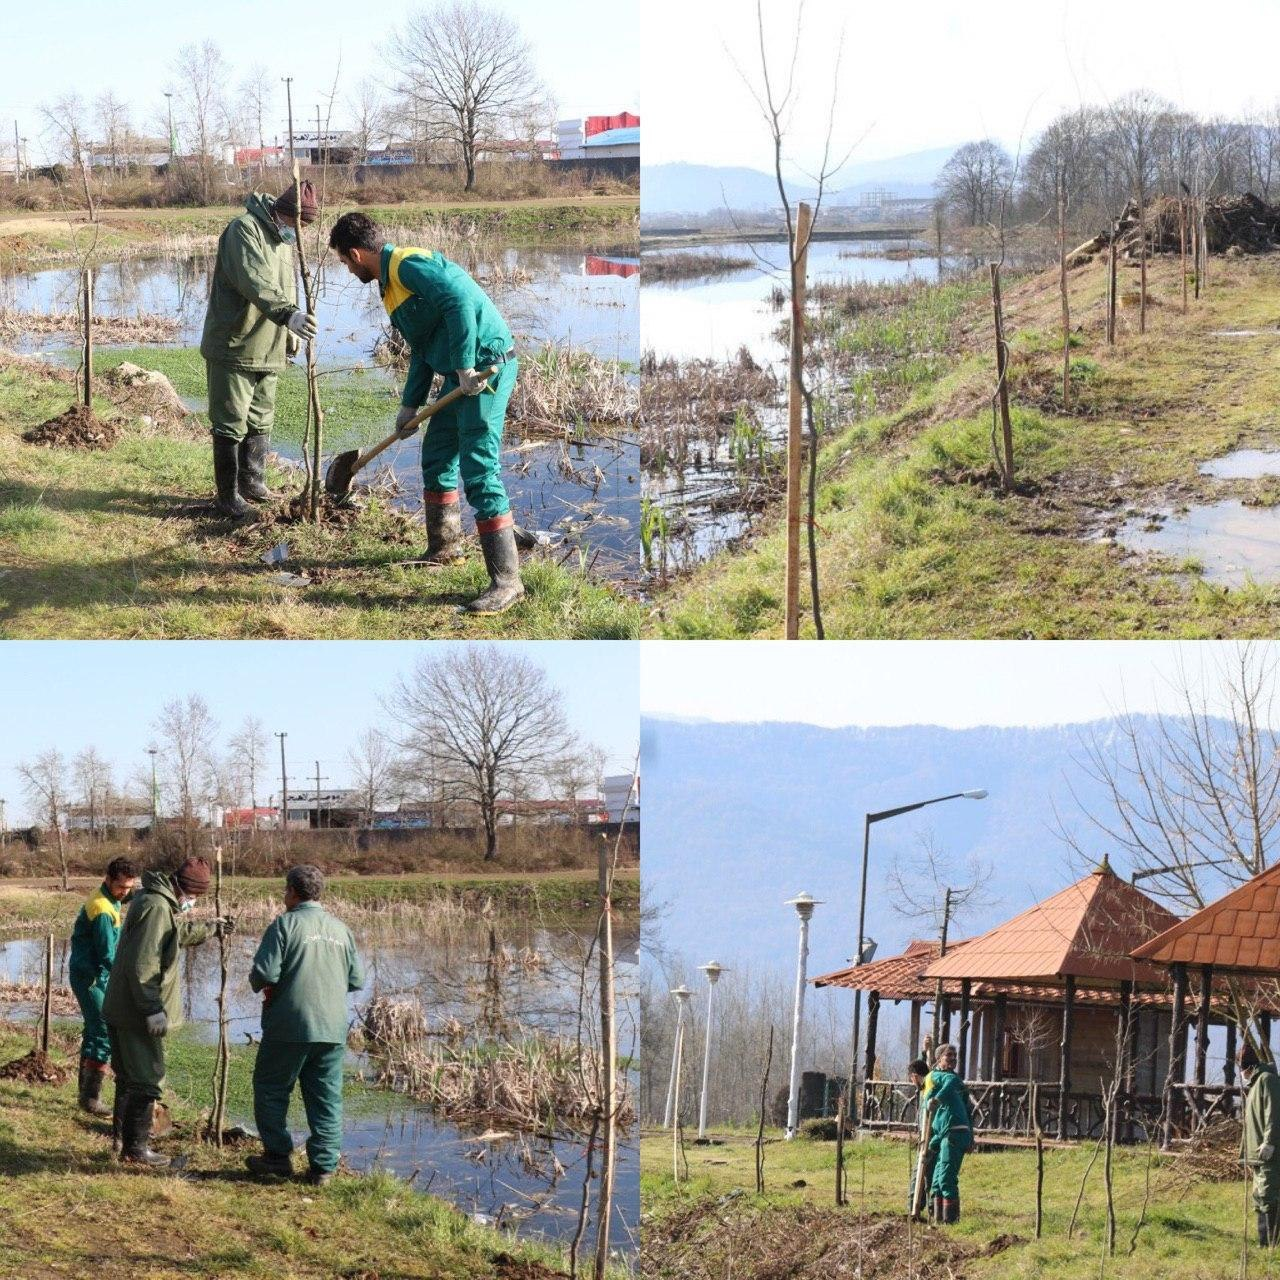 شهرداری لاهیجان همزمان با روز درخت کاری و هفته منابع طبیعی اقدام به کاشت چهار هزار درخت در گونه های مختلف در سطح شهر لاهیجان کرد.